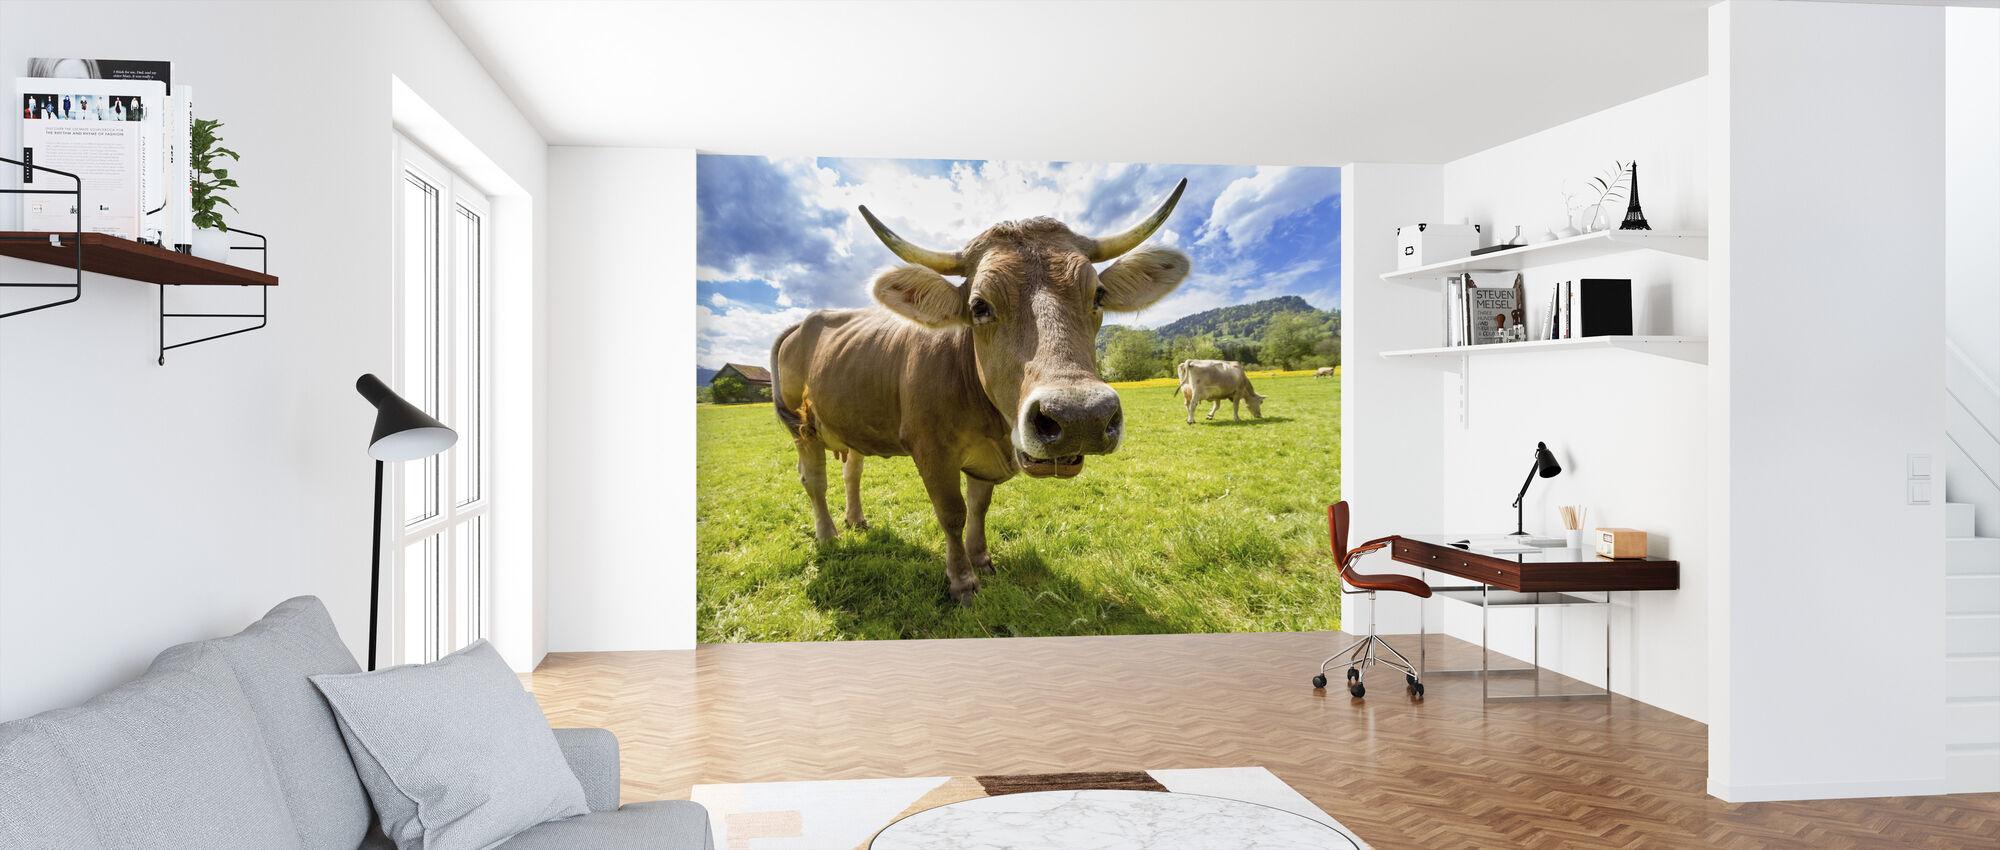 Koe dichtbij - Behang - Kantoor